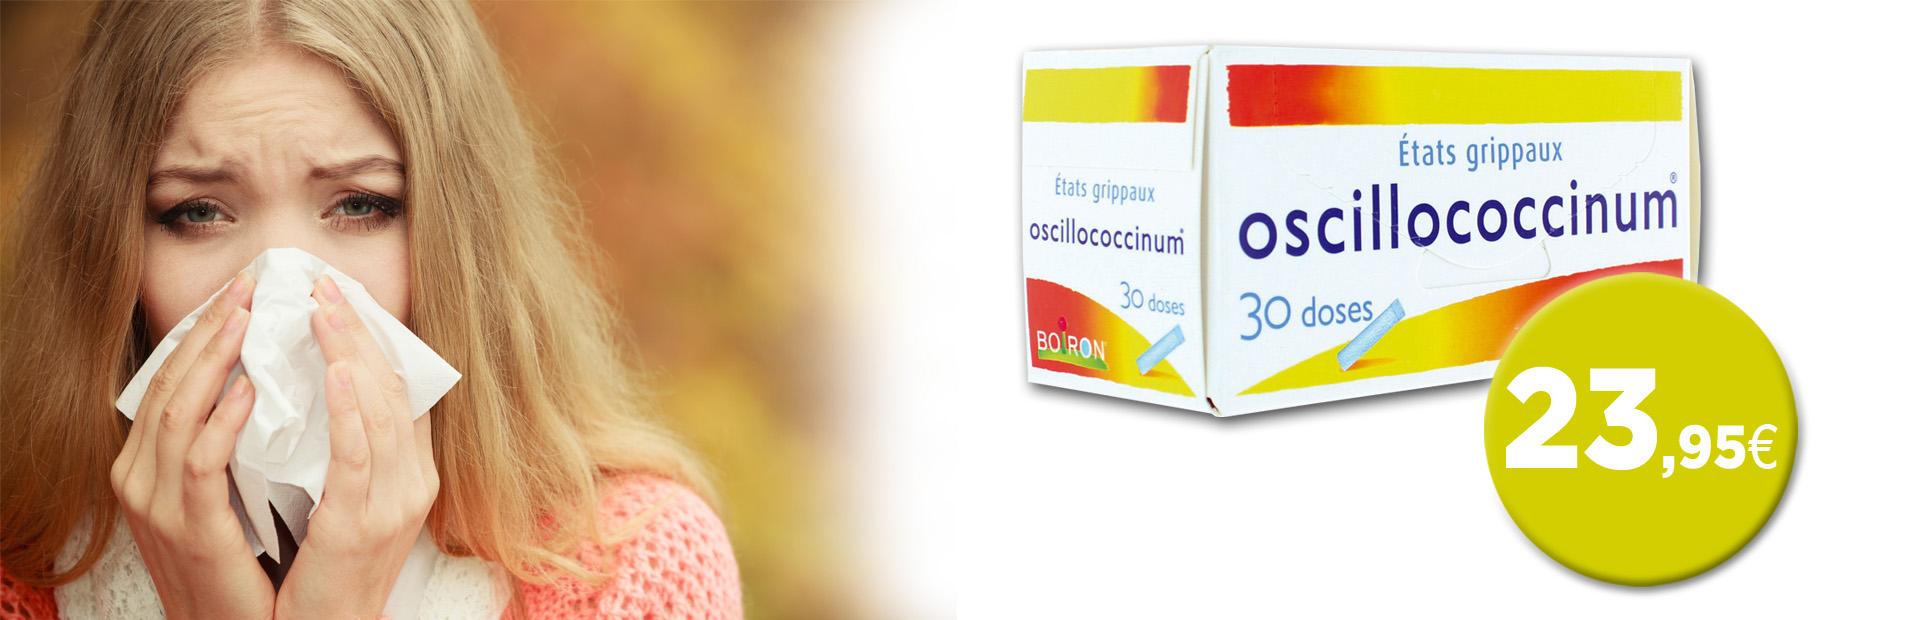 oferta-oscillococcinum-farmacia-parafarmacia-sant-eloi-andorra